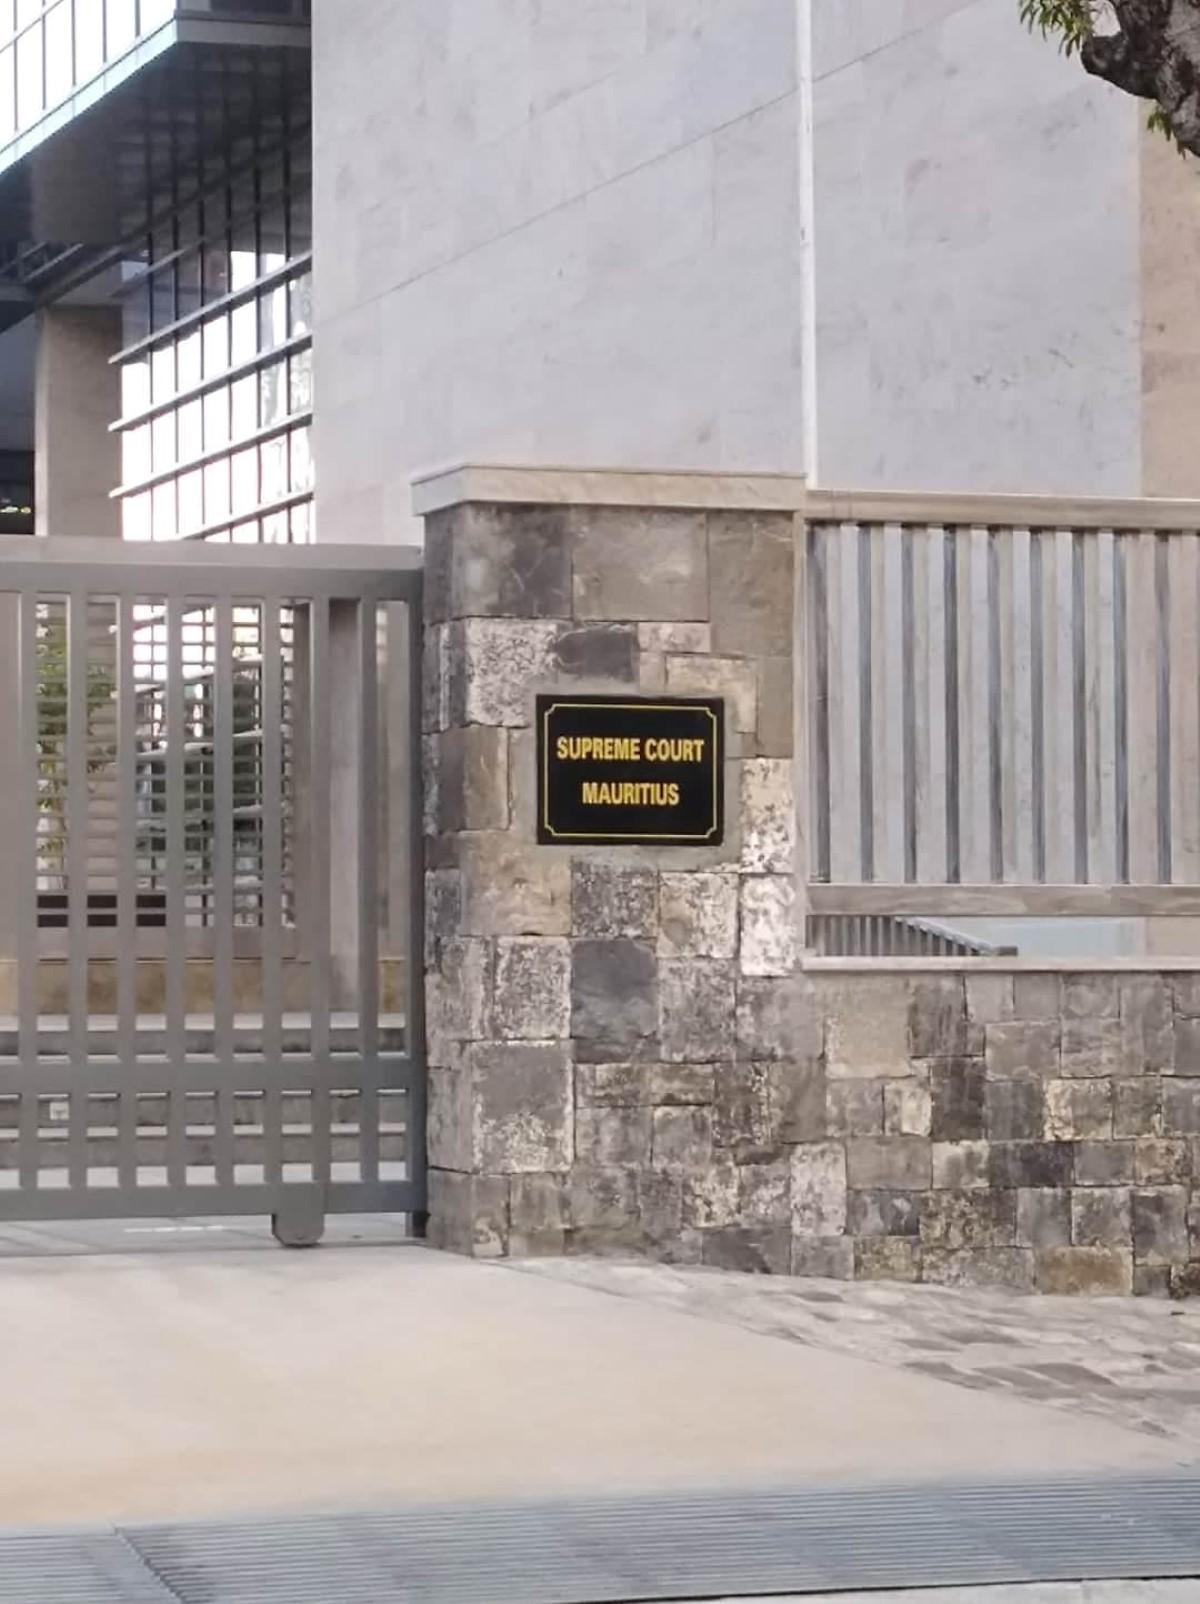 Affaire Wakashio : Le Dr Maha Prakash Rambarun ne donne pas suite à sa contestation contre le Premier ministre et les ministres Maneesh Gobin et Sudheer Maudhoo